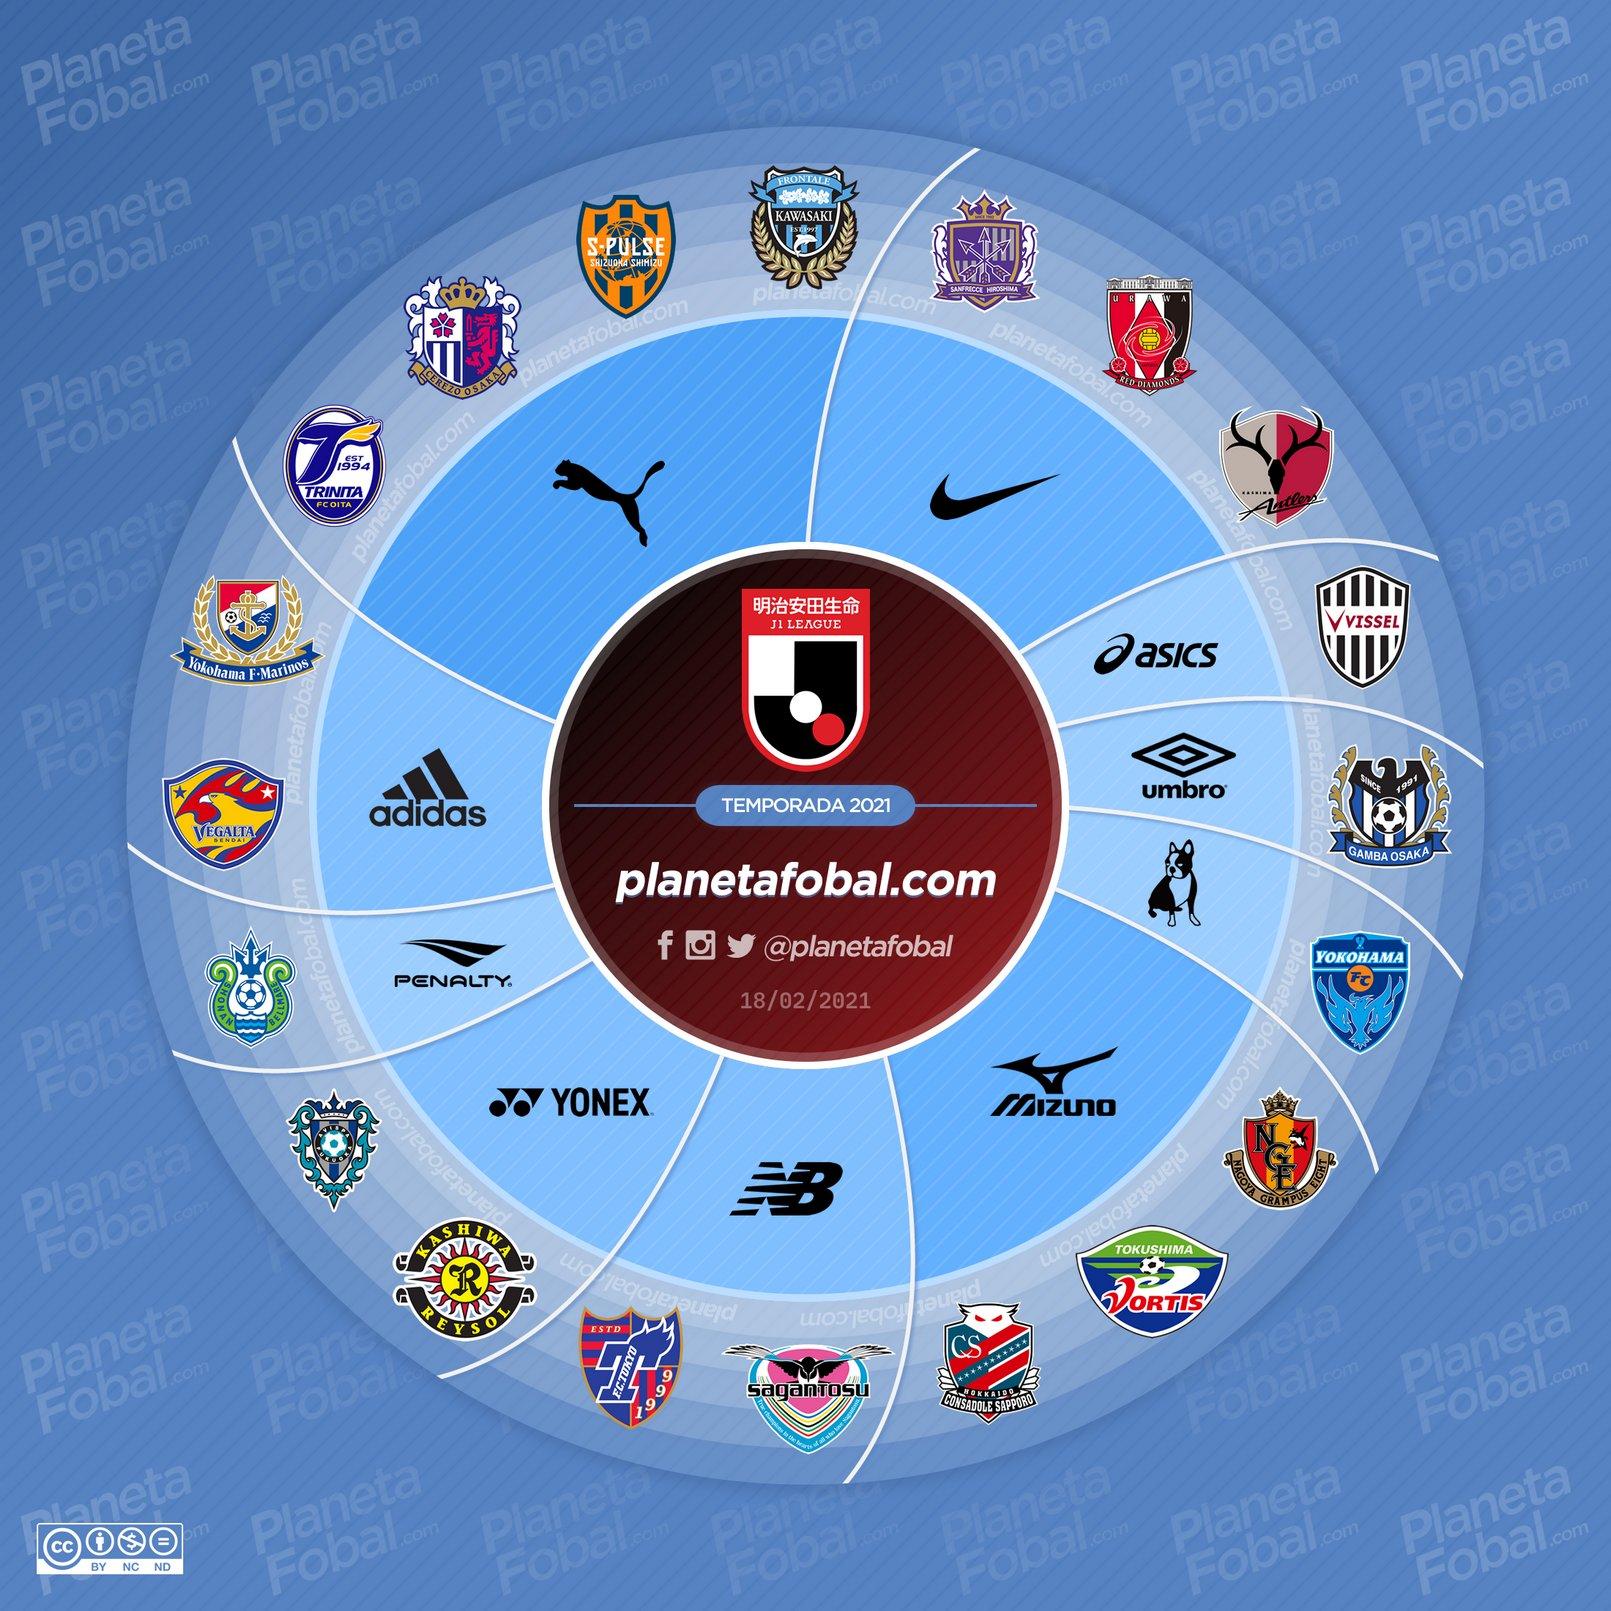 Marcas deportivas de la J1 League de Japón 2021